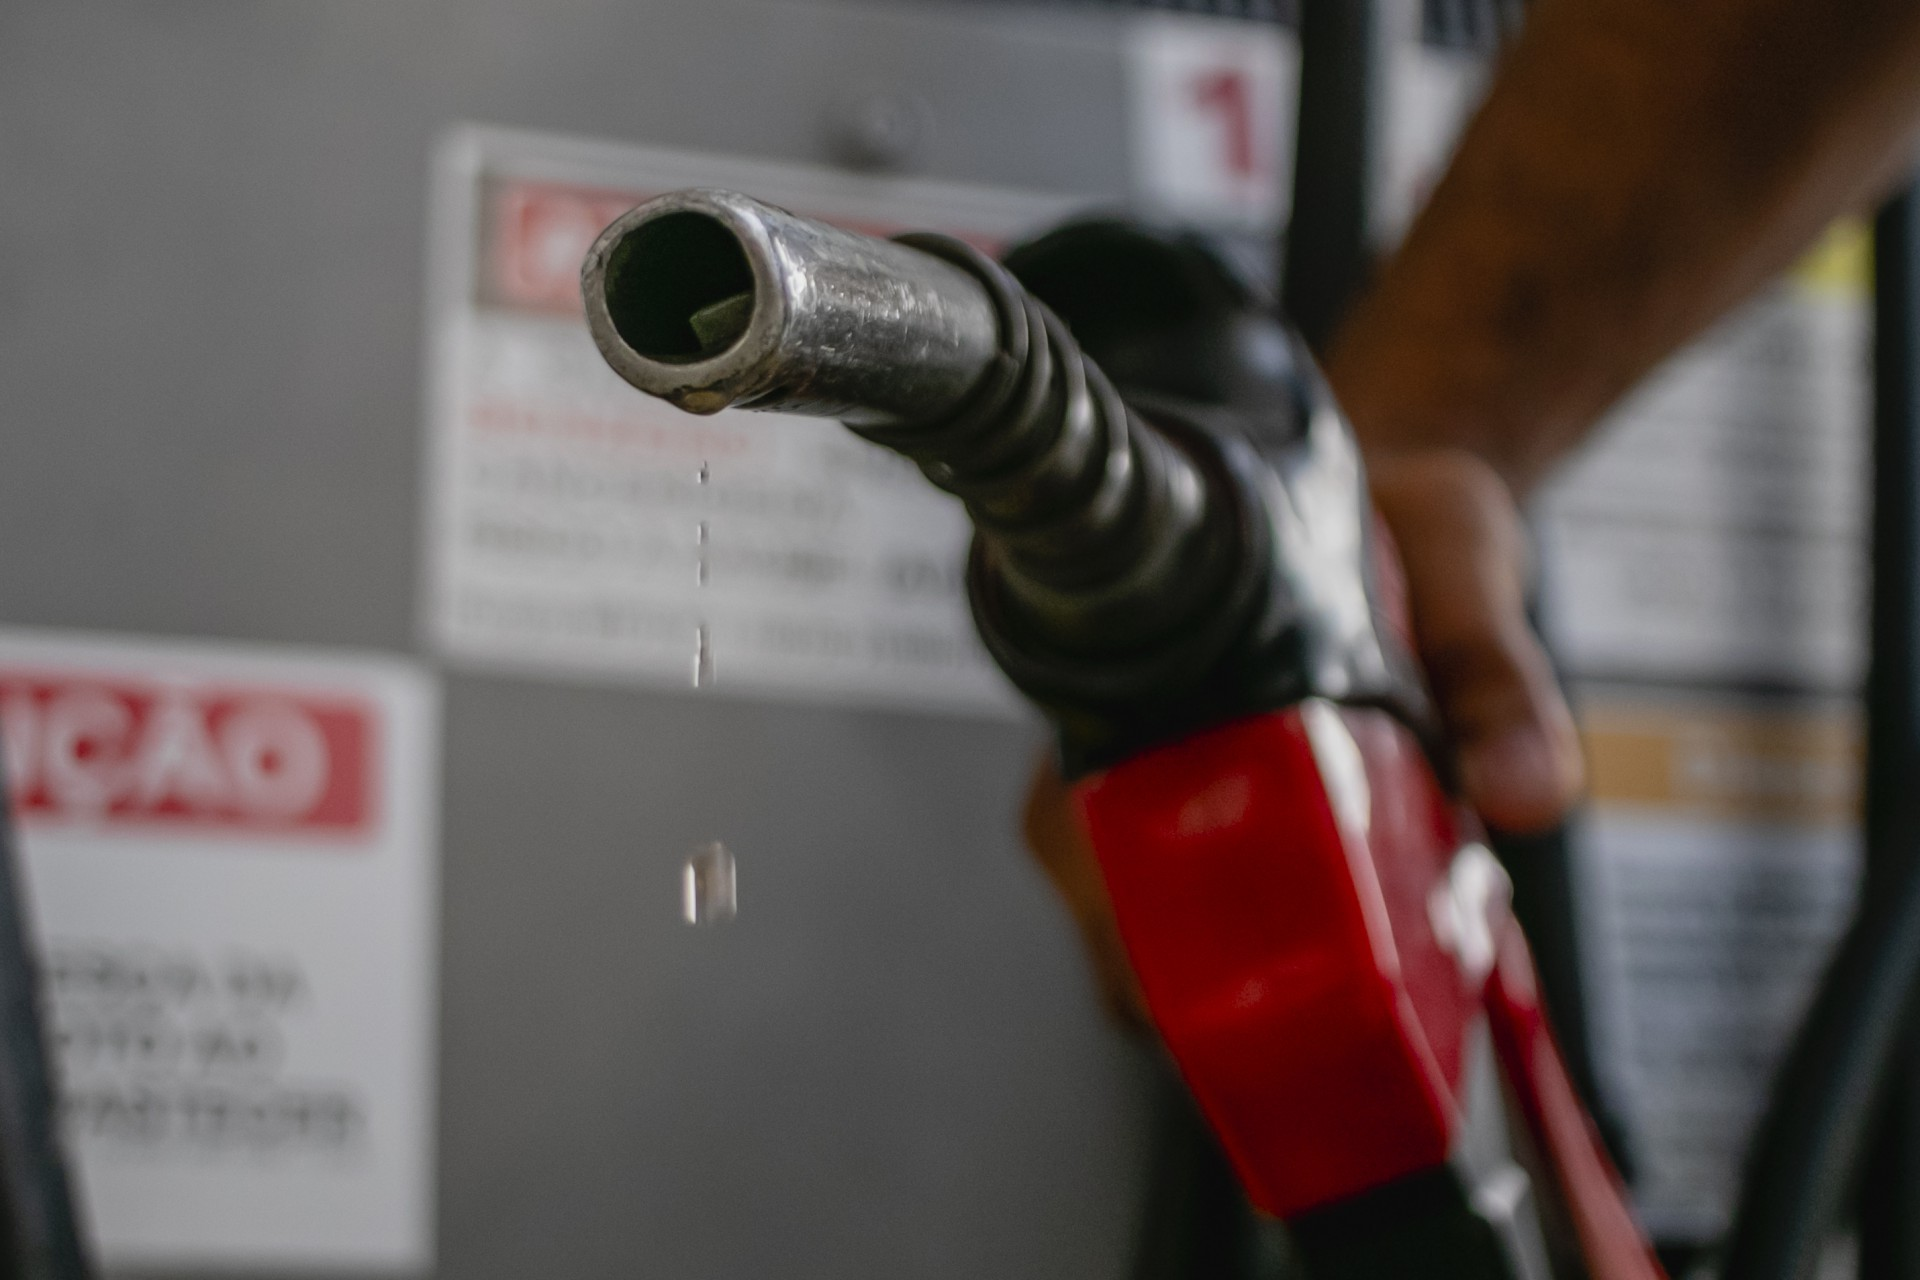 Reajustes espaçados feitos pela Petrobras também dificultam absorção do aumento pelo consumidor (Foto: Aurelio Alves)